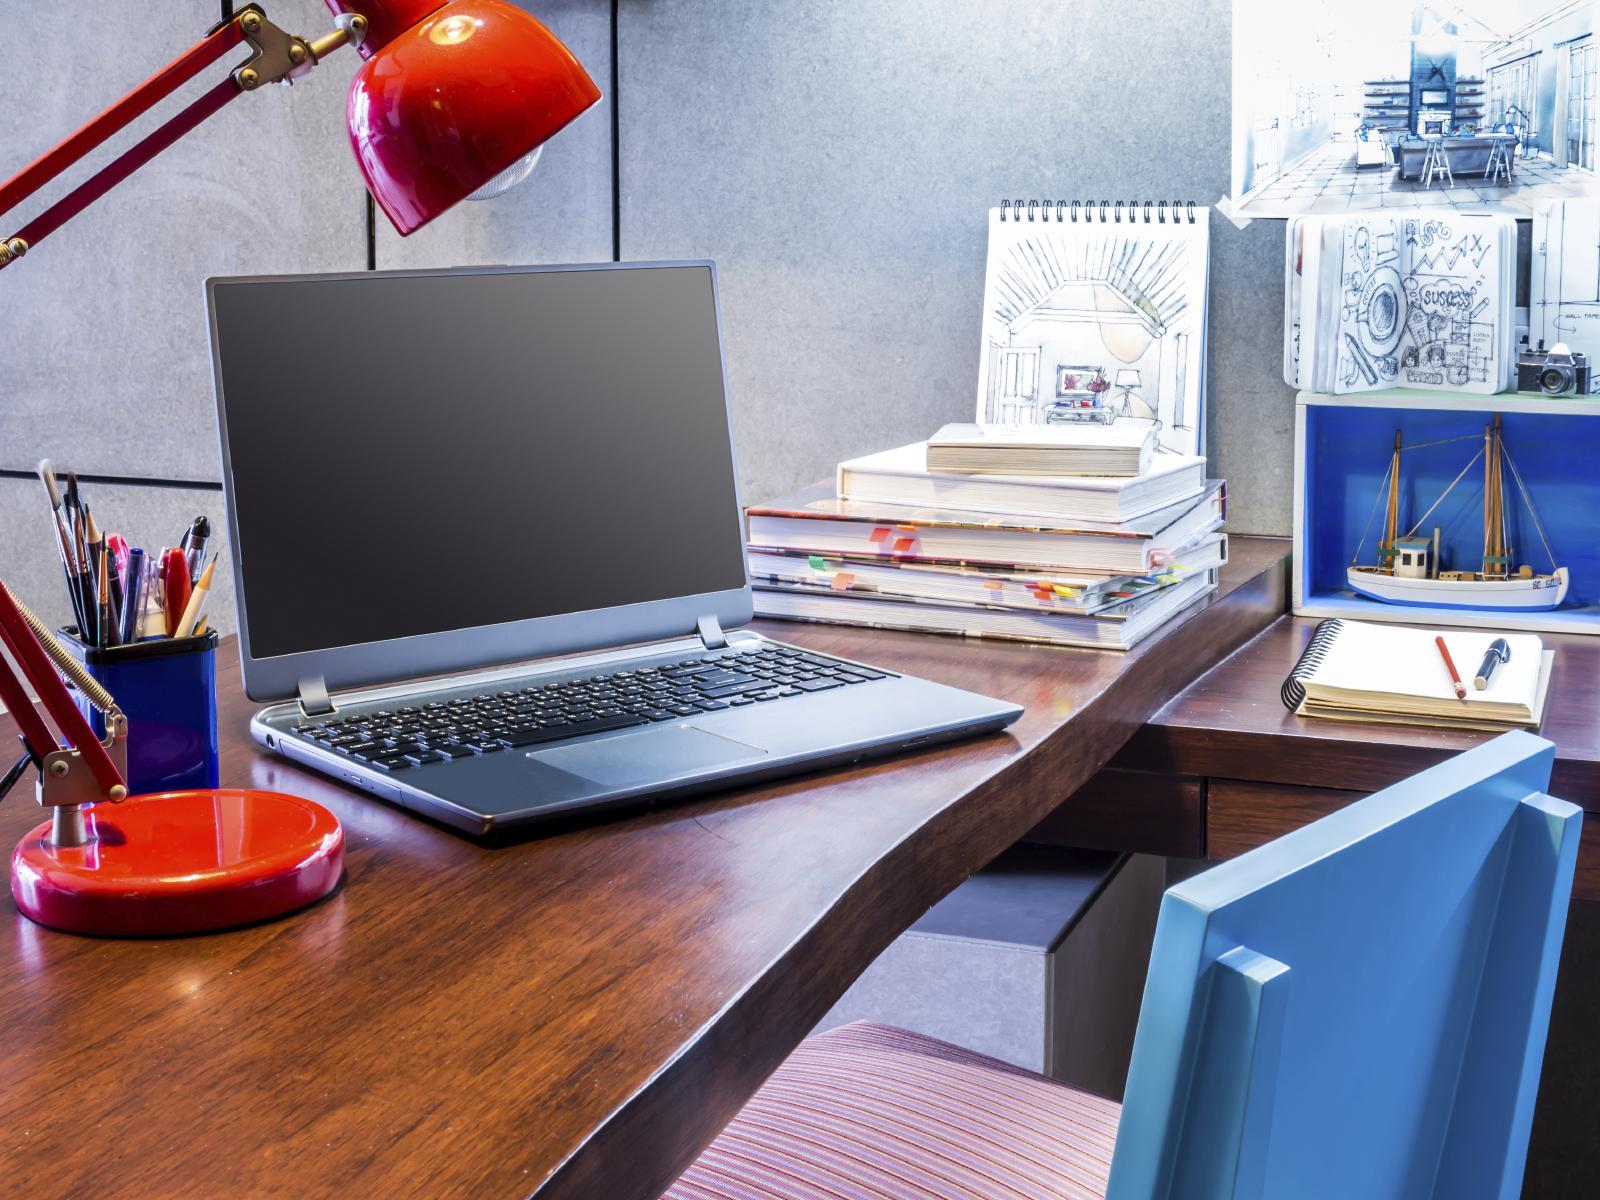 Designer modern home office desk with laptop